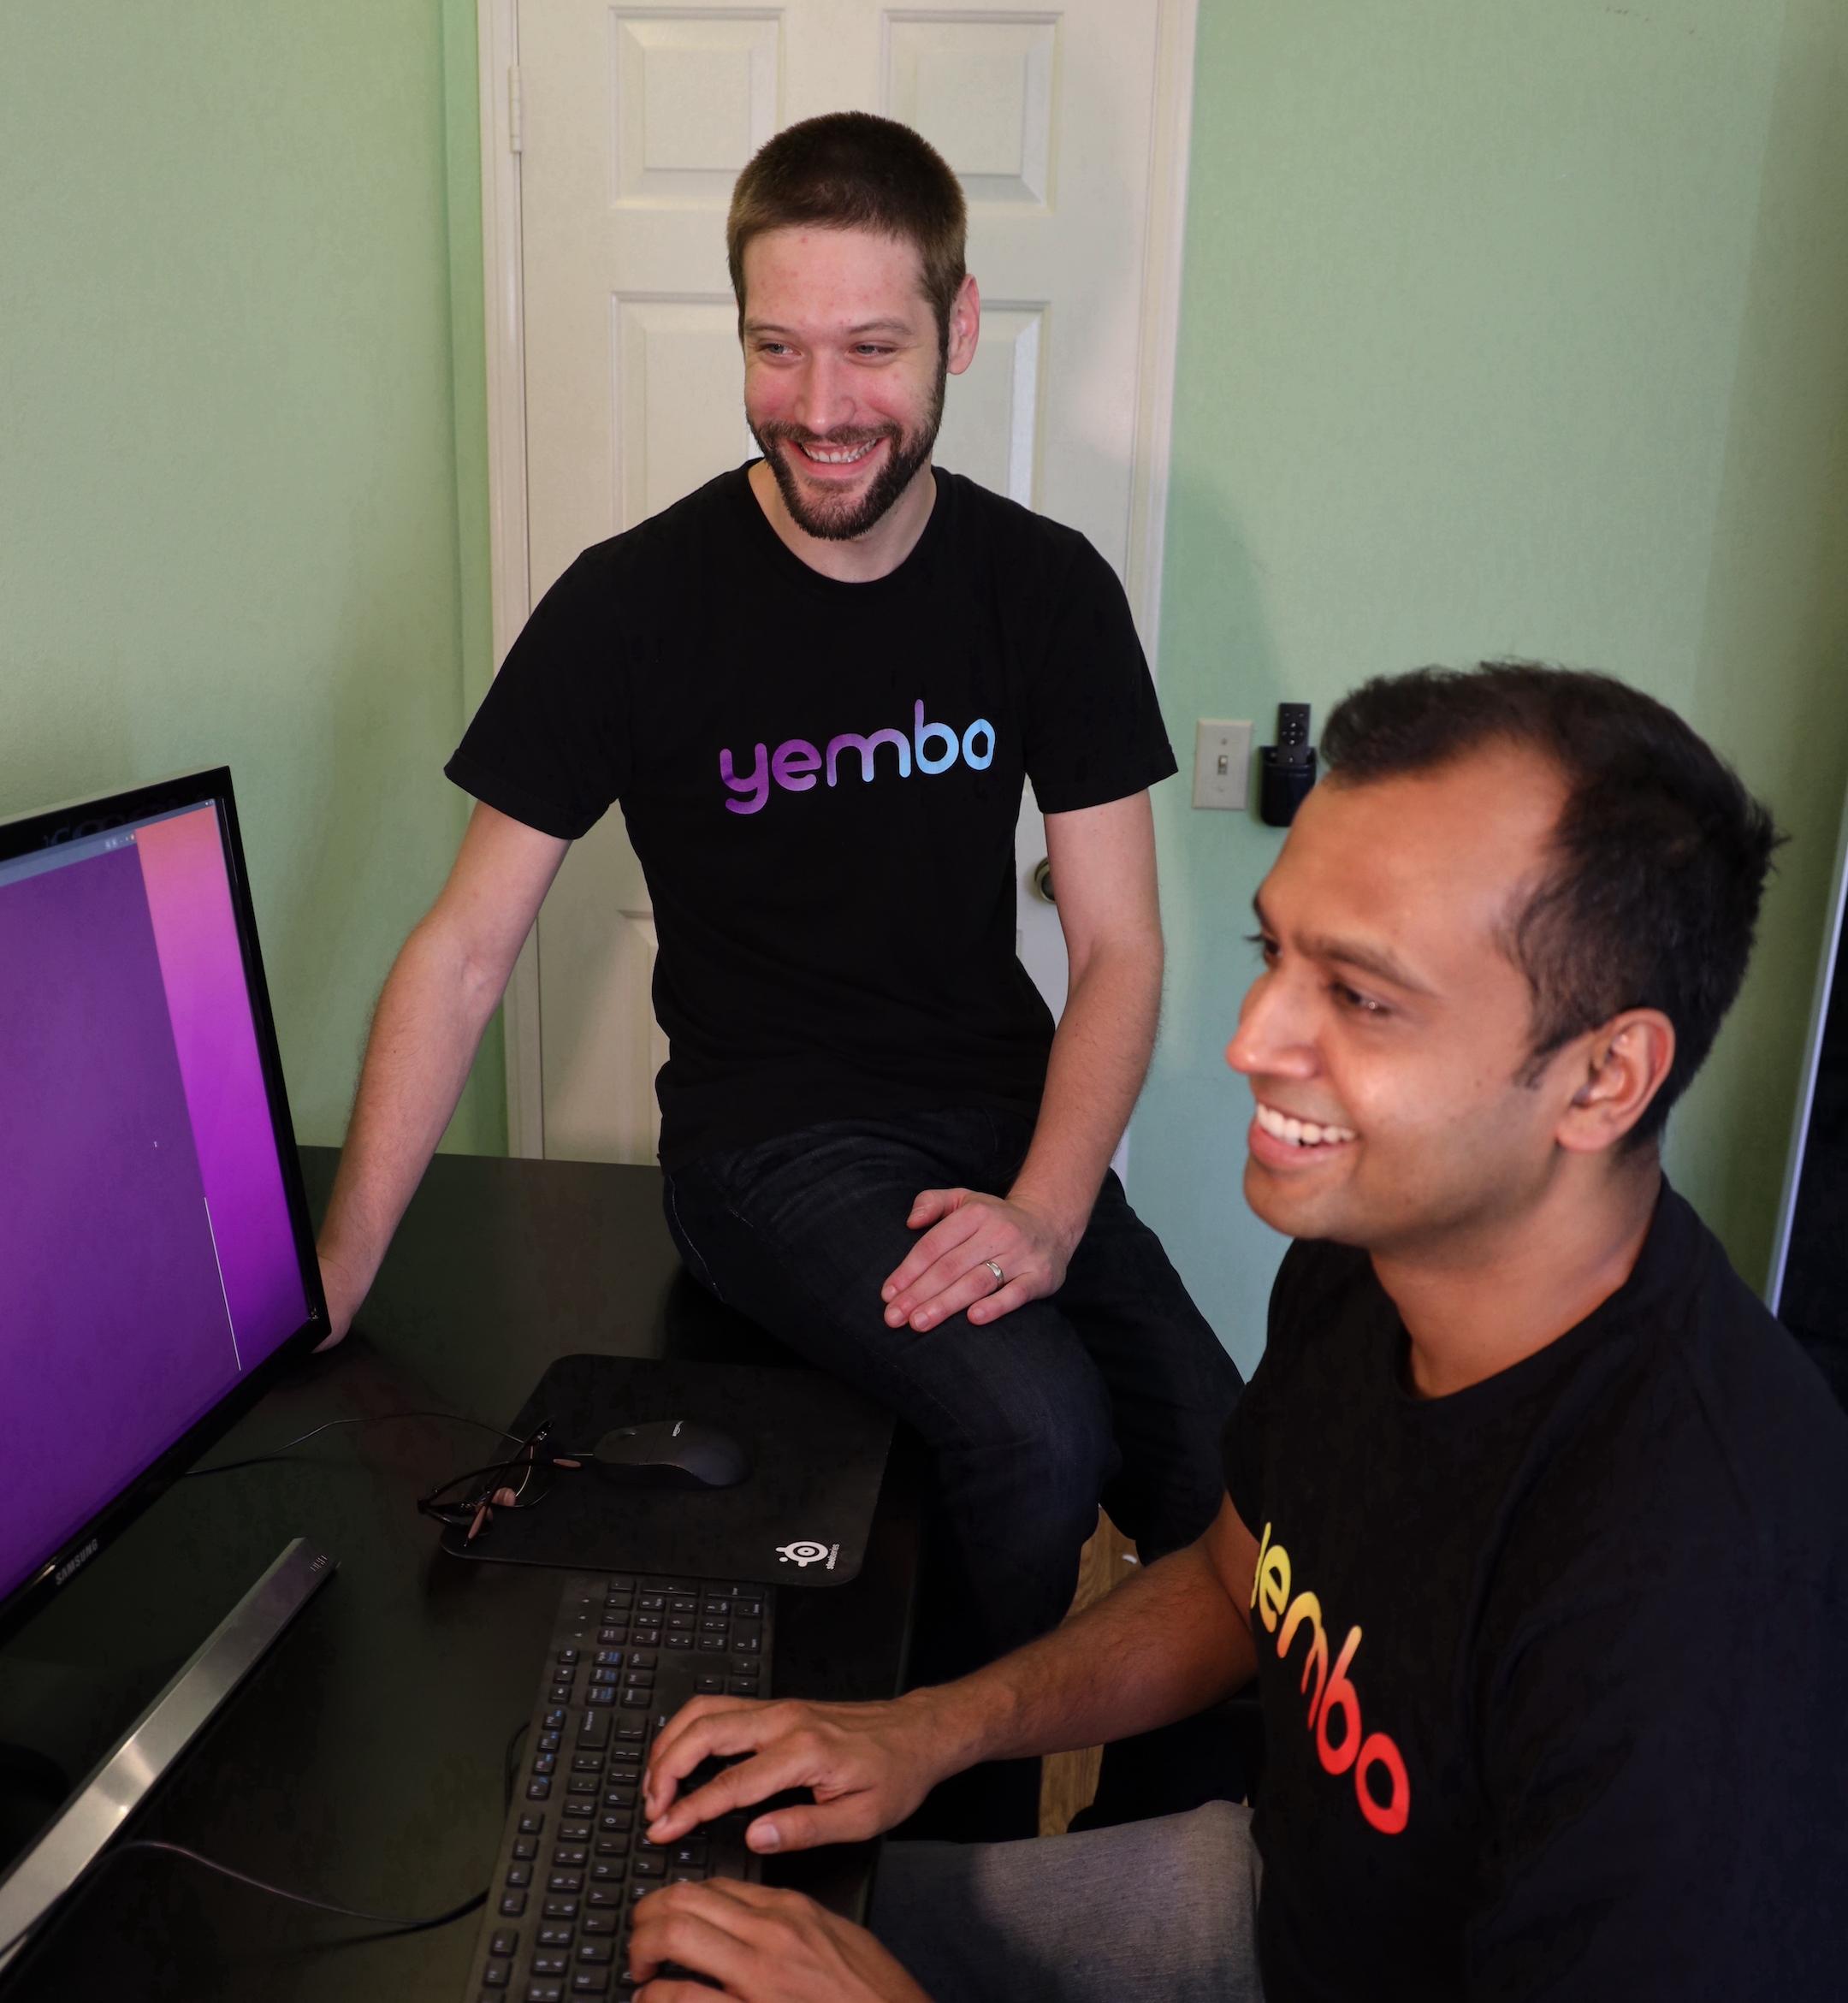 Yembo Staff on computer